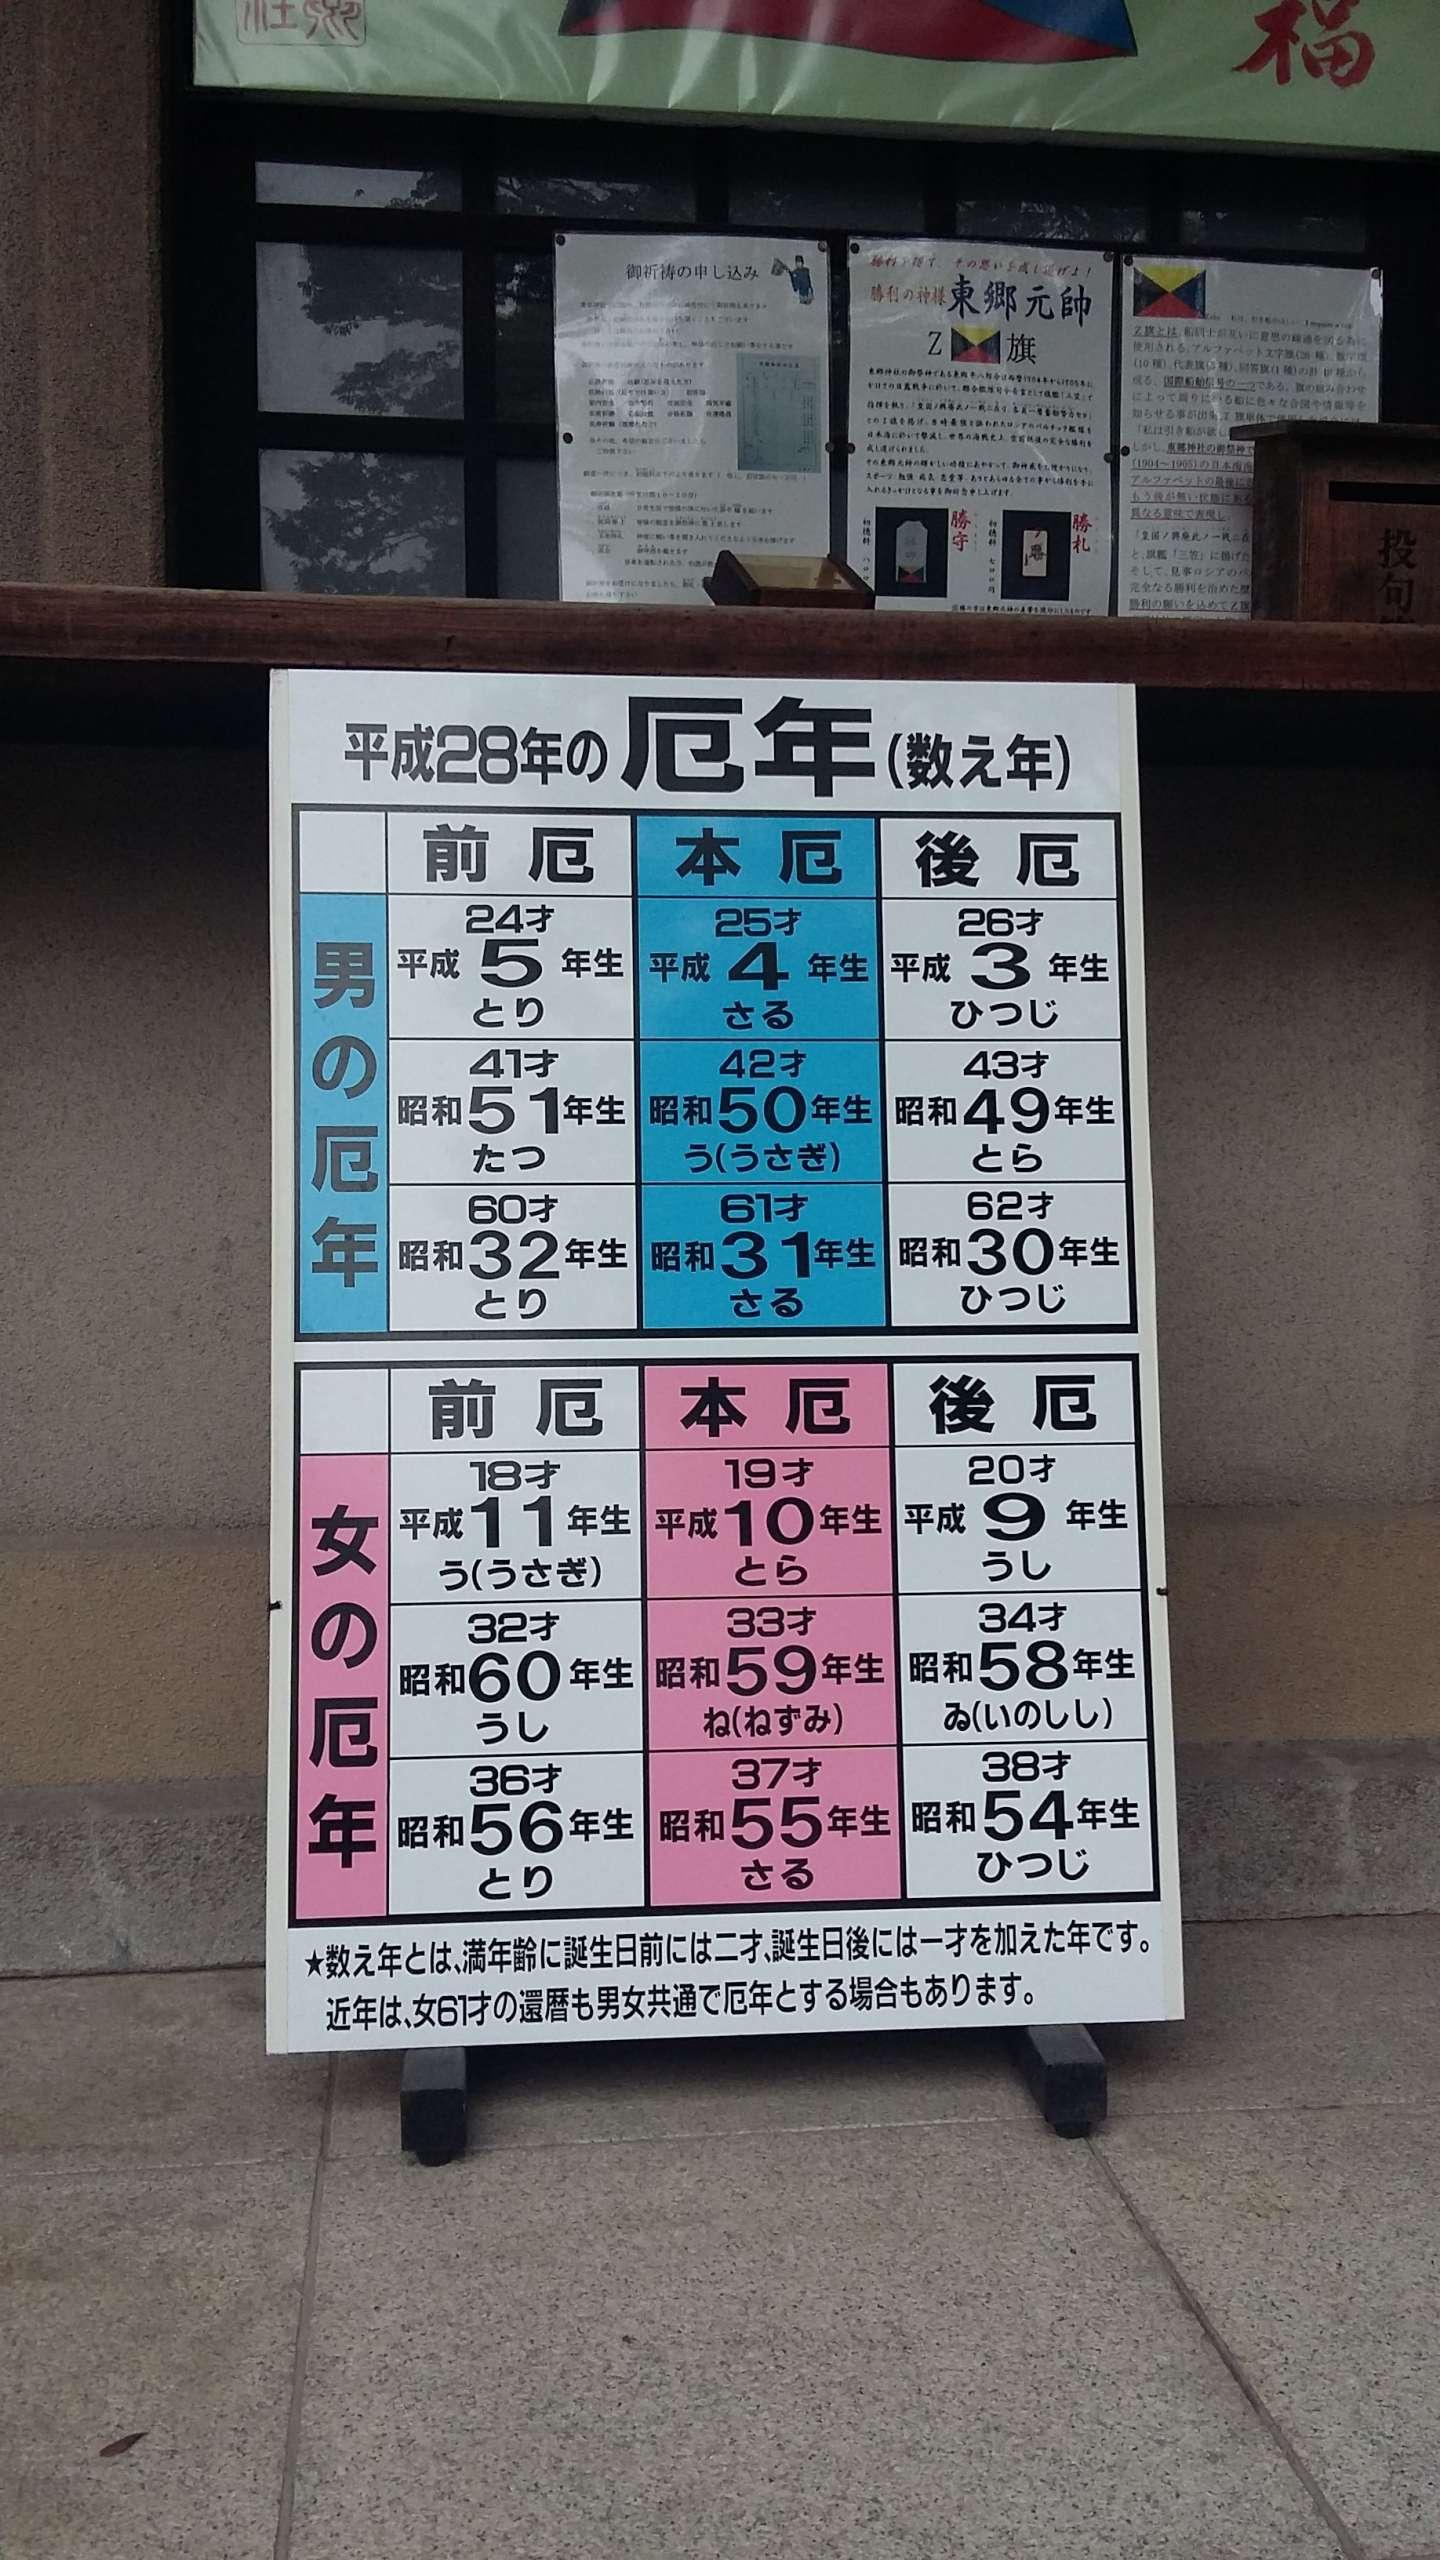 Yakudoshi